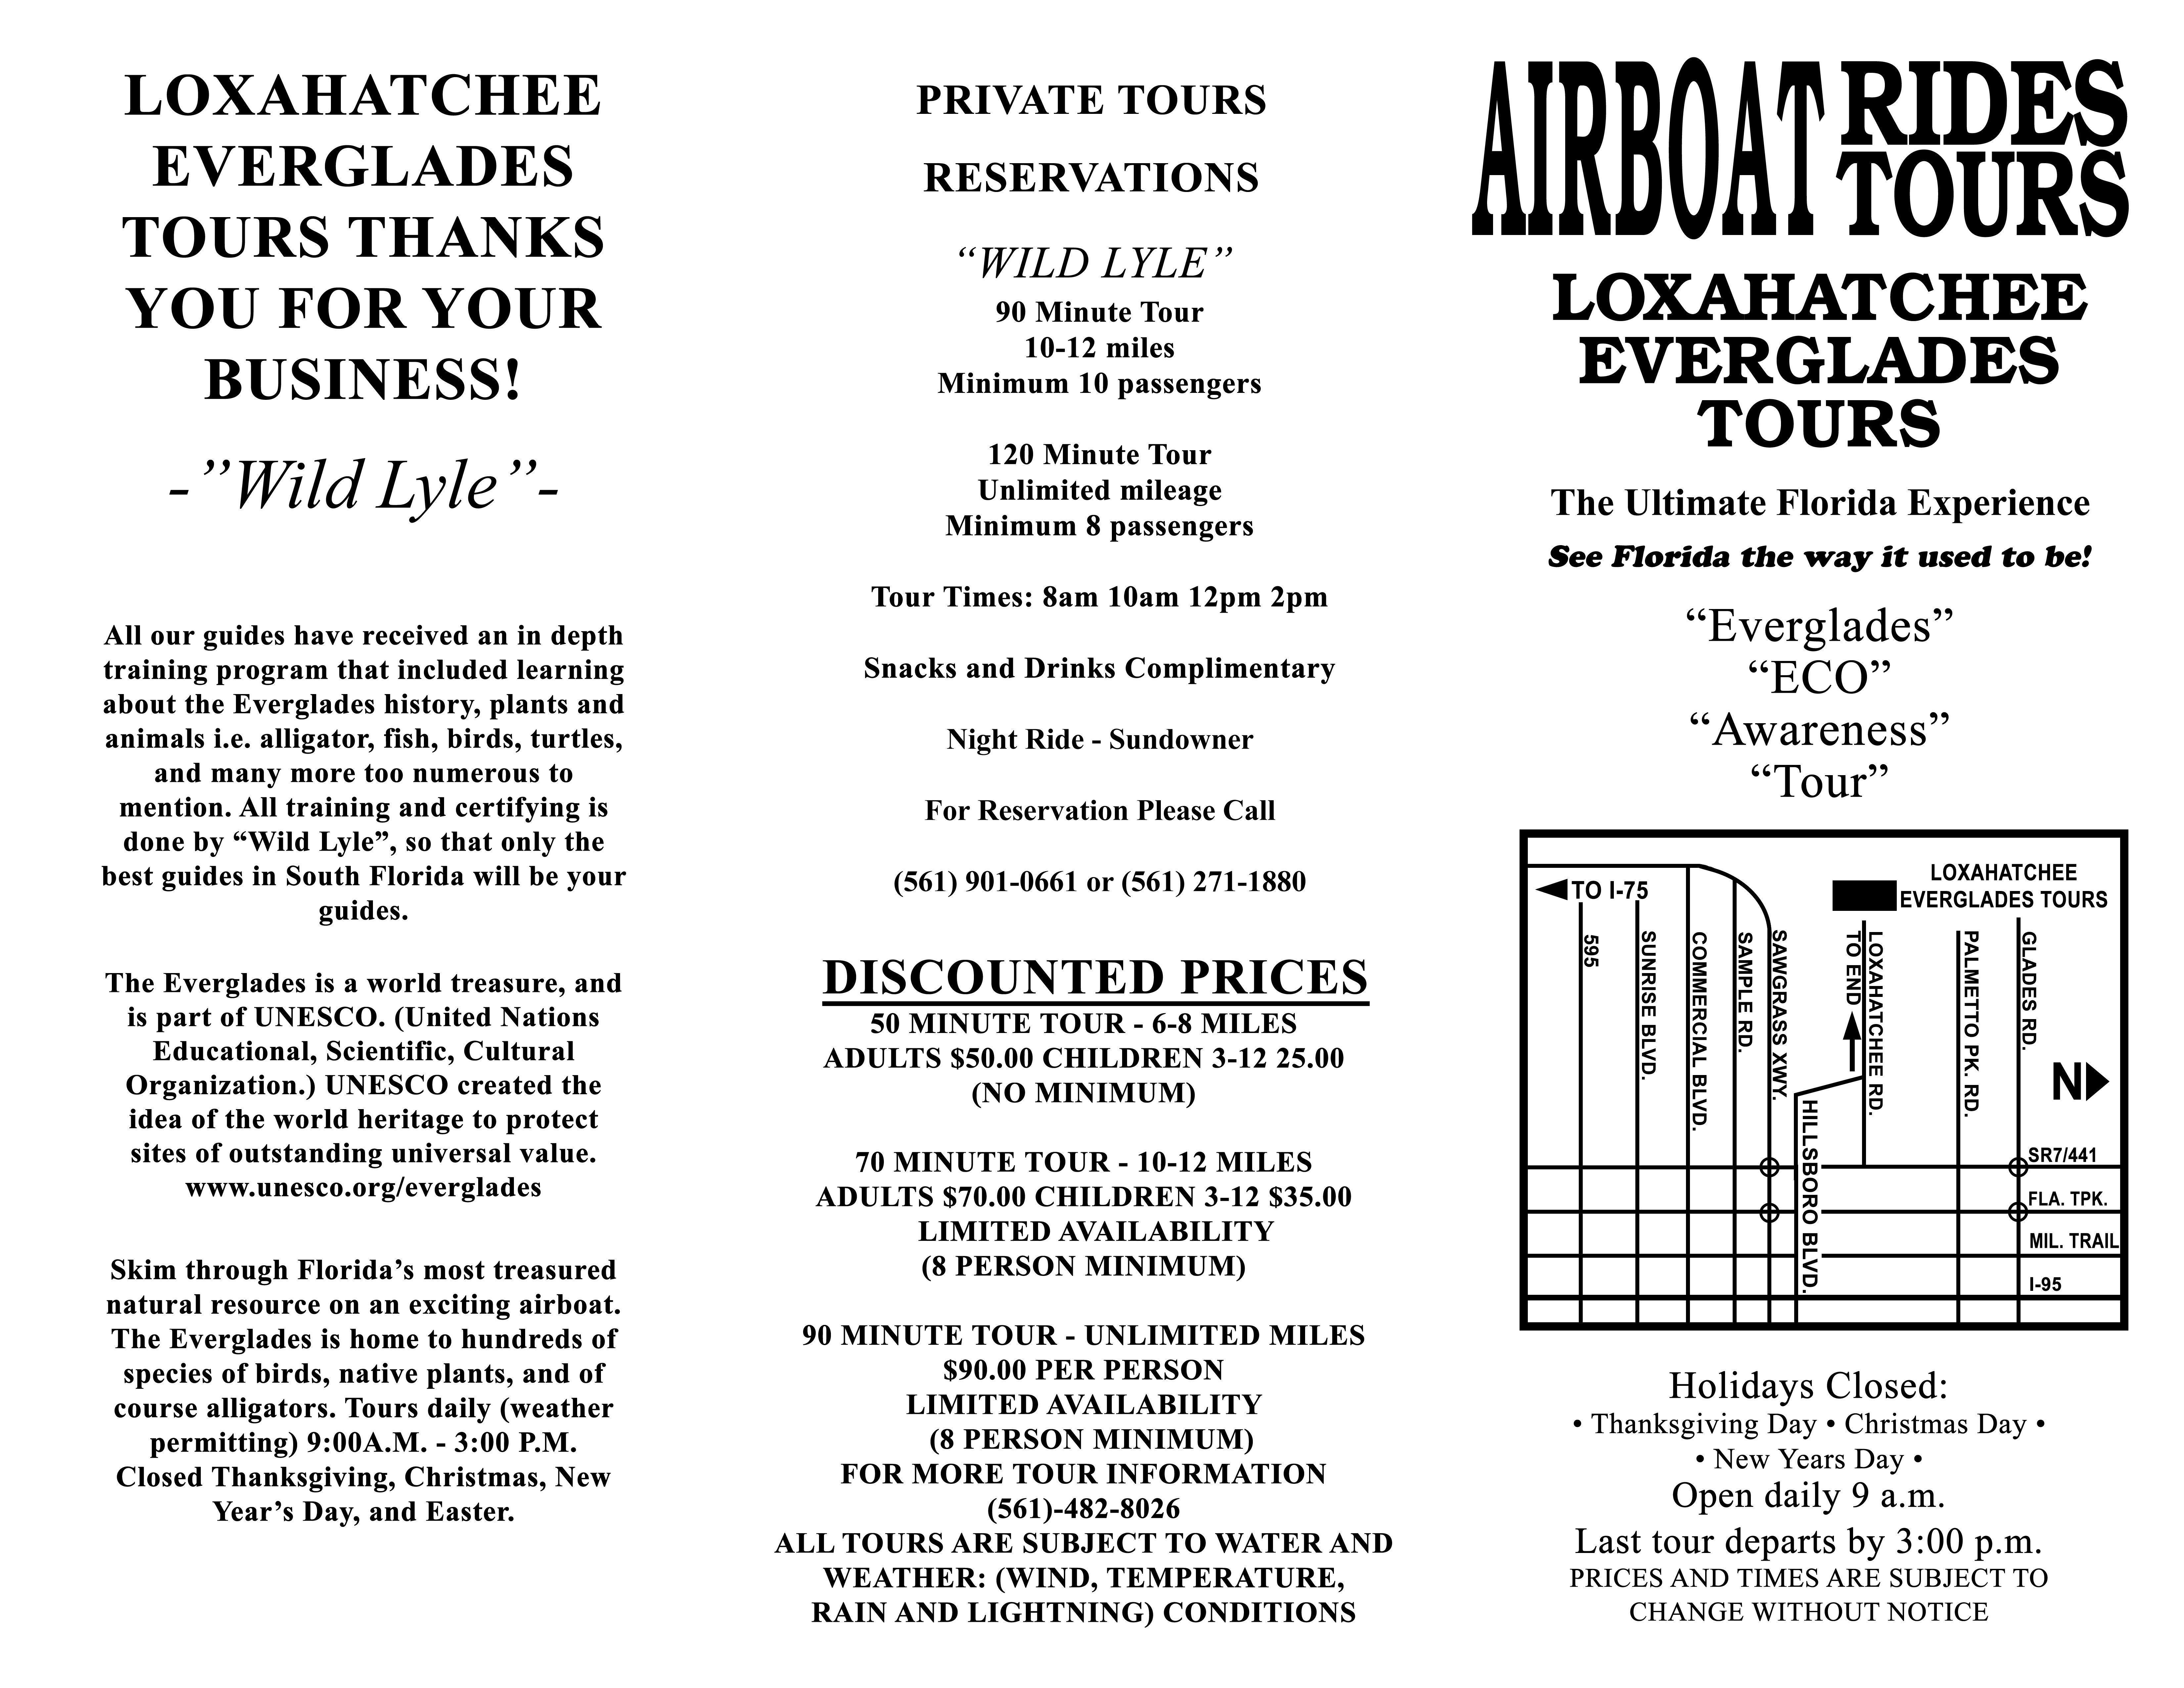 Lox Tours info